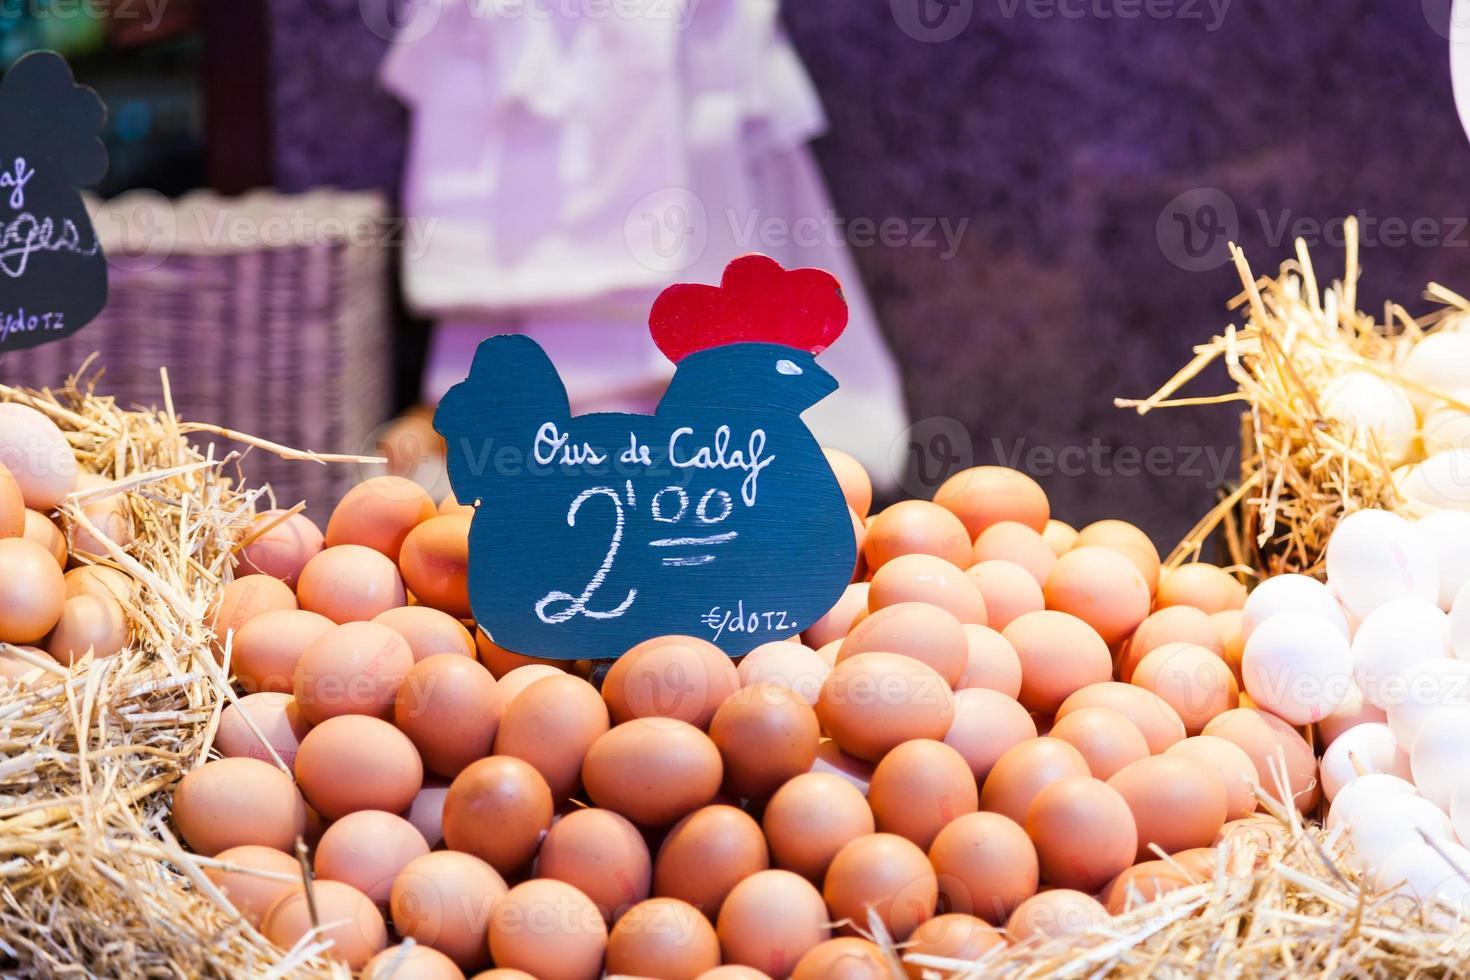 venditore di uova foto